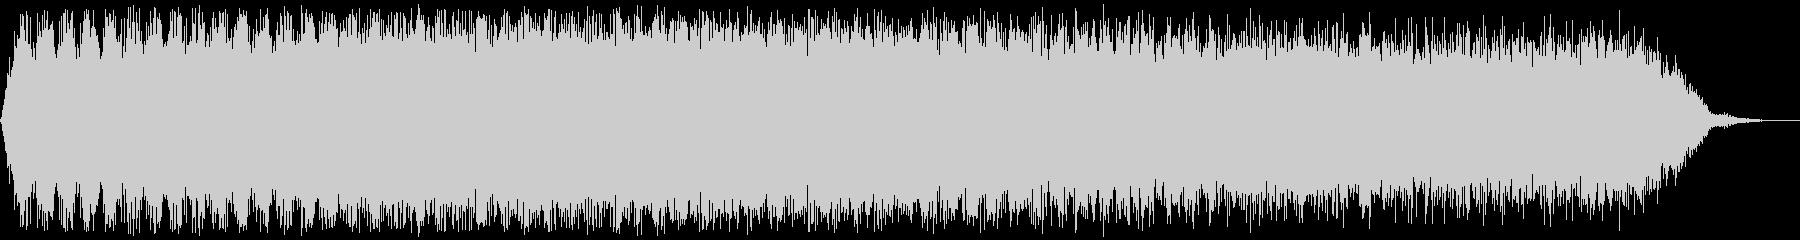 【アンビエント】ドローン_23 実験音の未再生の波形